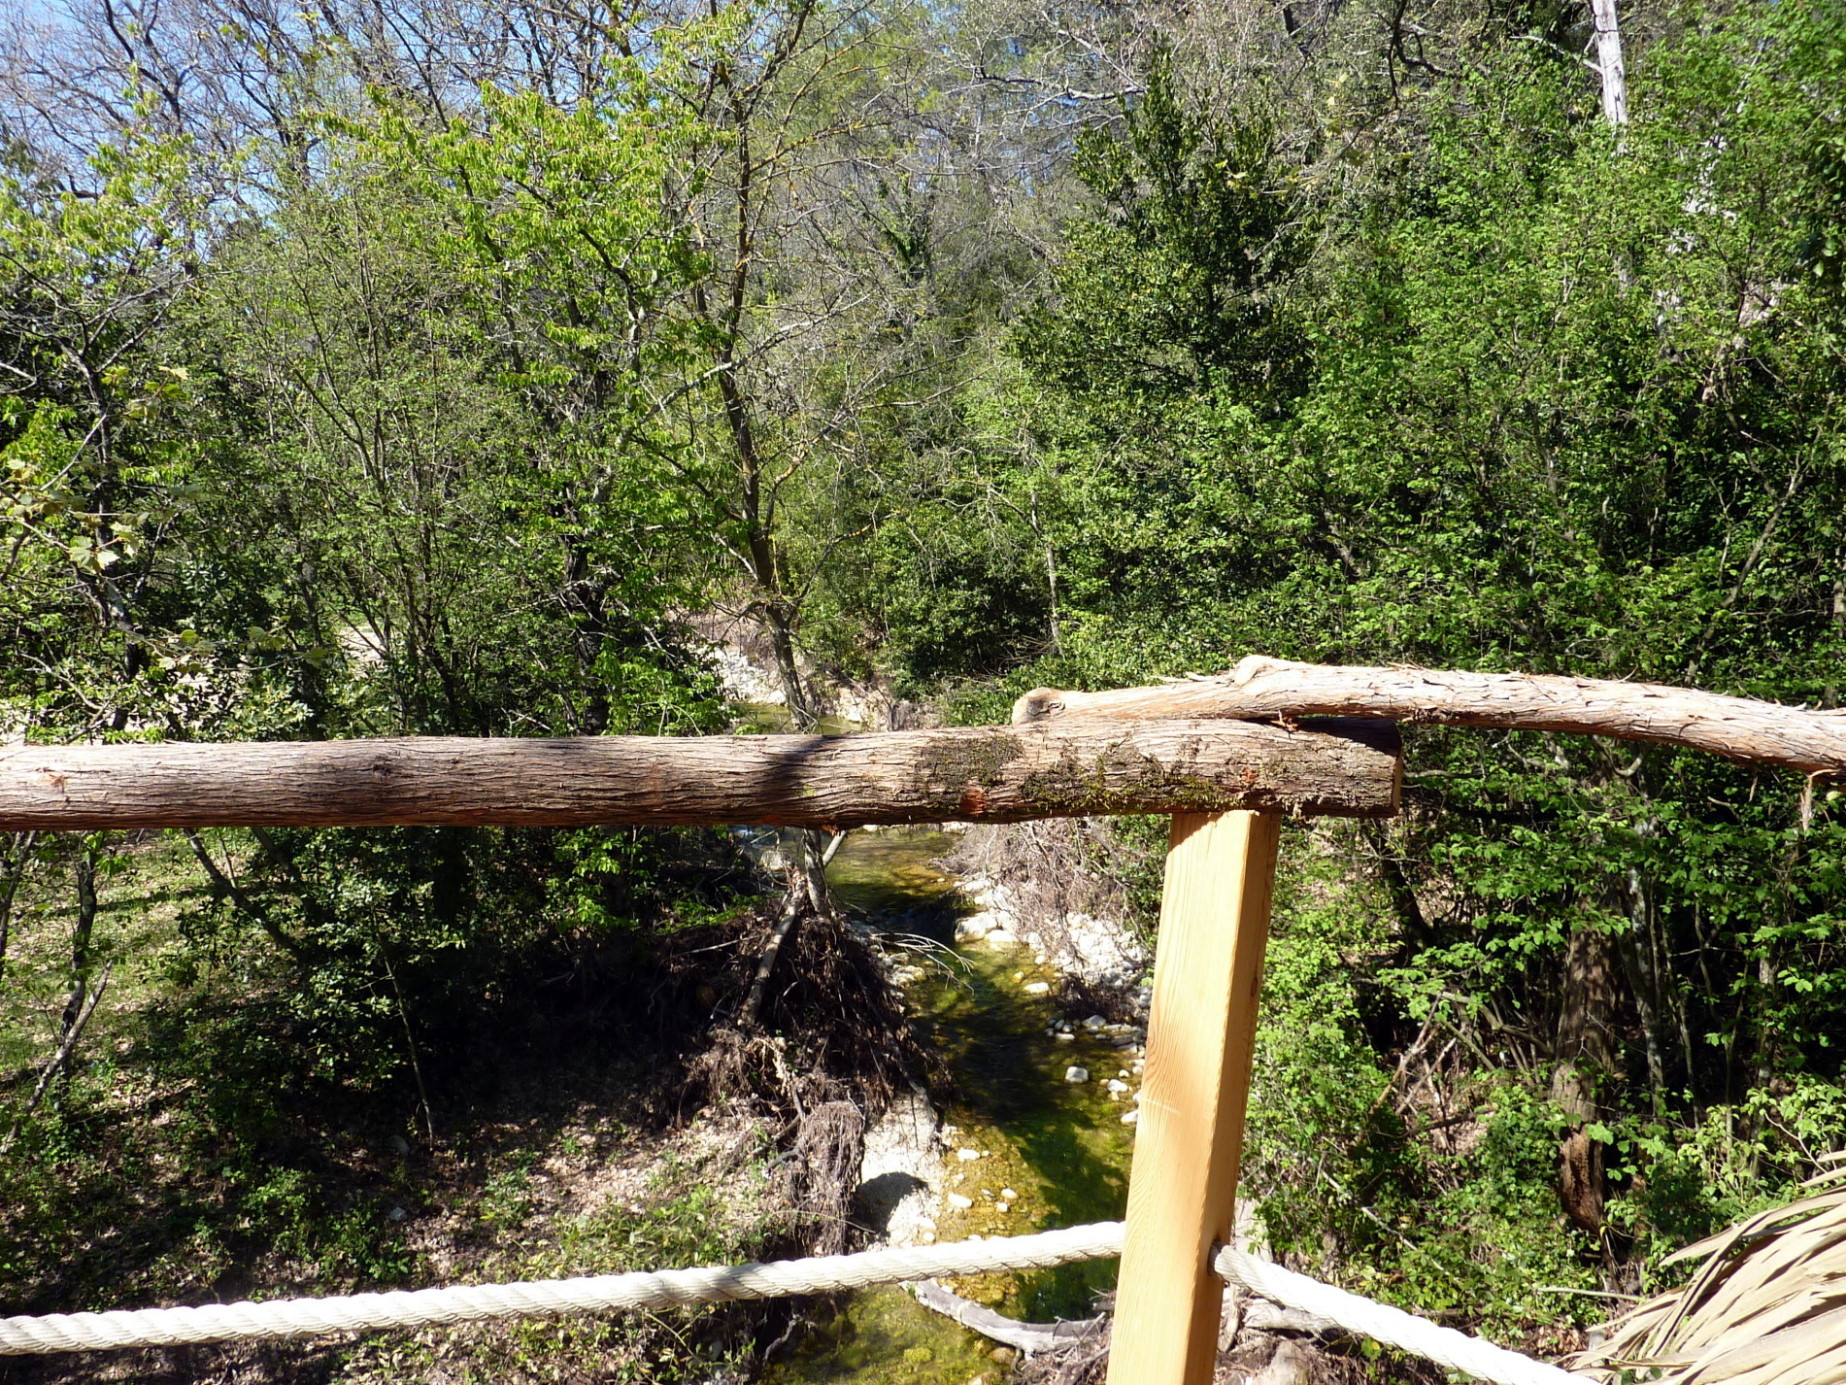 Cabane-Bastidane-carrement-sur-le-ruisseau.jpg